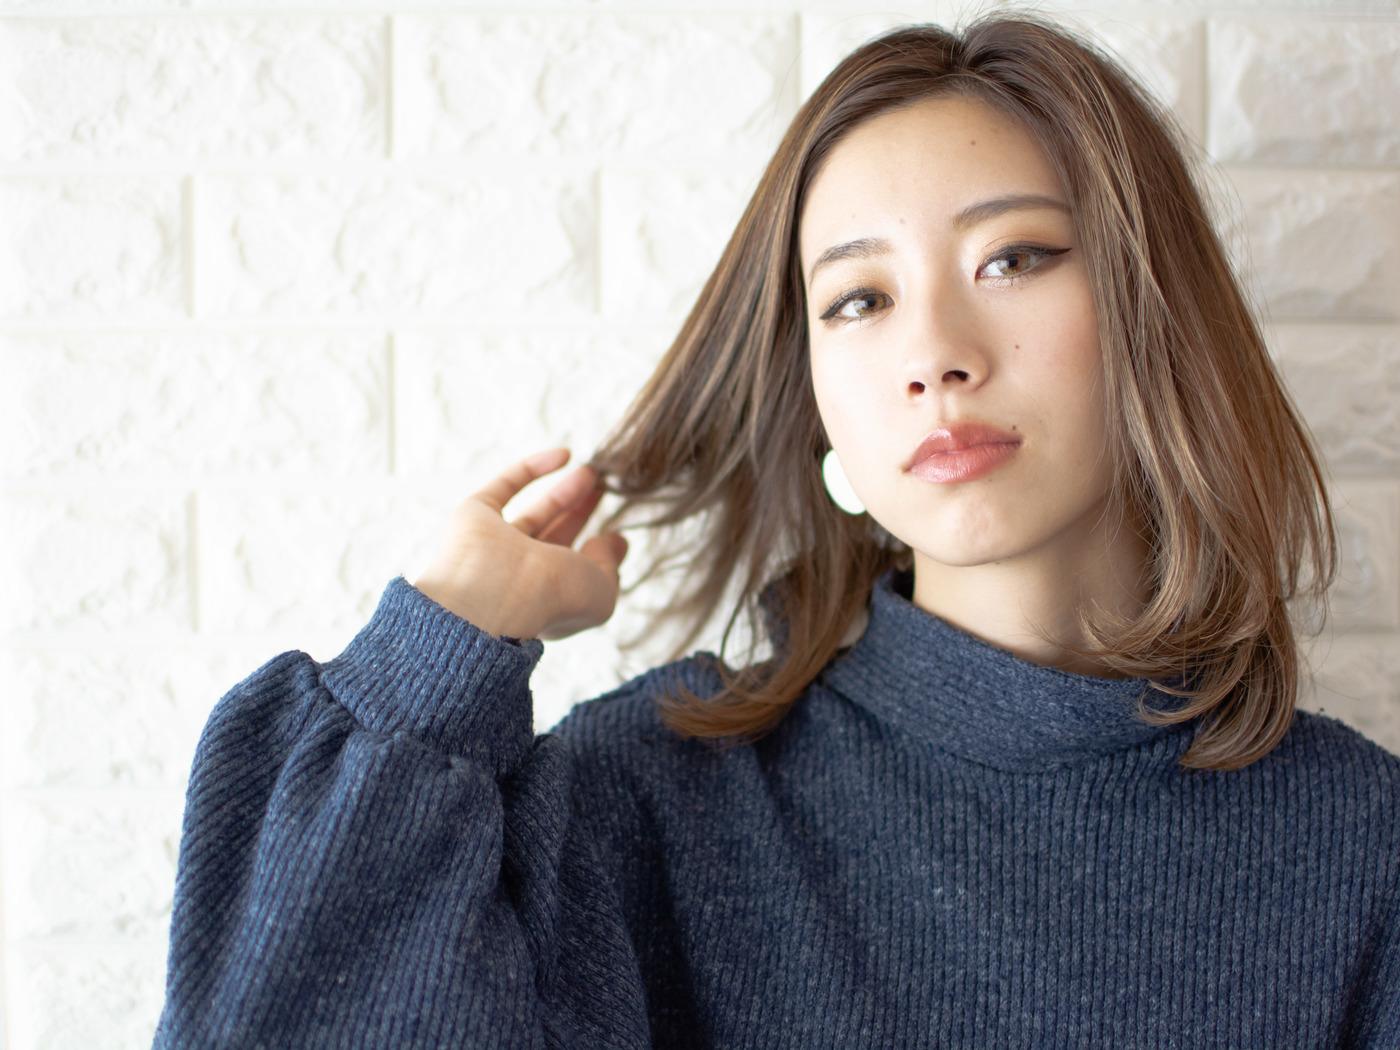 札幌 noine(ノイン) スタイリスト斉藤です。 ツヤと透け感のある「チタニュウムシルバー」のデザインカラーで仕上げました。 冬に向けてオススメのミディアムスタイル。 N.スタイリングセラム&N.シーオイル仕上げ。 今回も「ピアス」「ニットワンピース」僕が作りました。 「ピアス」minnneで販売しています。[niin.sopo]で、出てきます。  #ナチュラル #オフィス noine#札幌#大通#スタイリスト斉藤#ピアス# 洋服#ファッション#撮影#オフィス#パンツ#カワイイ#ワンピース#ベージュ#ボブ#トップス#N.ナチュラルバーム#N.#シーオイル #外国人風#ファッション #外ハネ#切りっぱなし #ブルーティール#チタニュウムカラー#大人女子 #HUEカラー #ハンドメイド #シルバー #ノースリーブ #カジュアル #ストリート #ミディアムヘア #かきあげ #卵型 #ハイライト